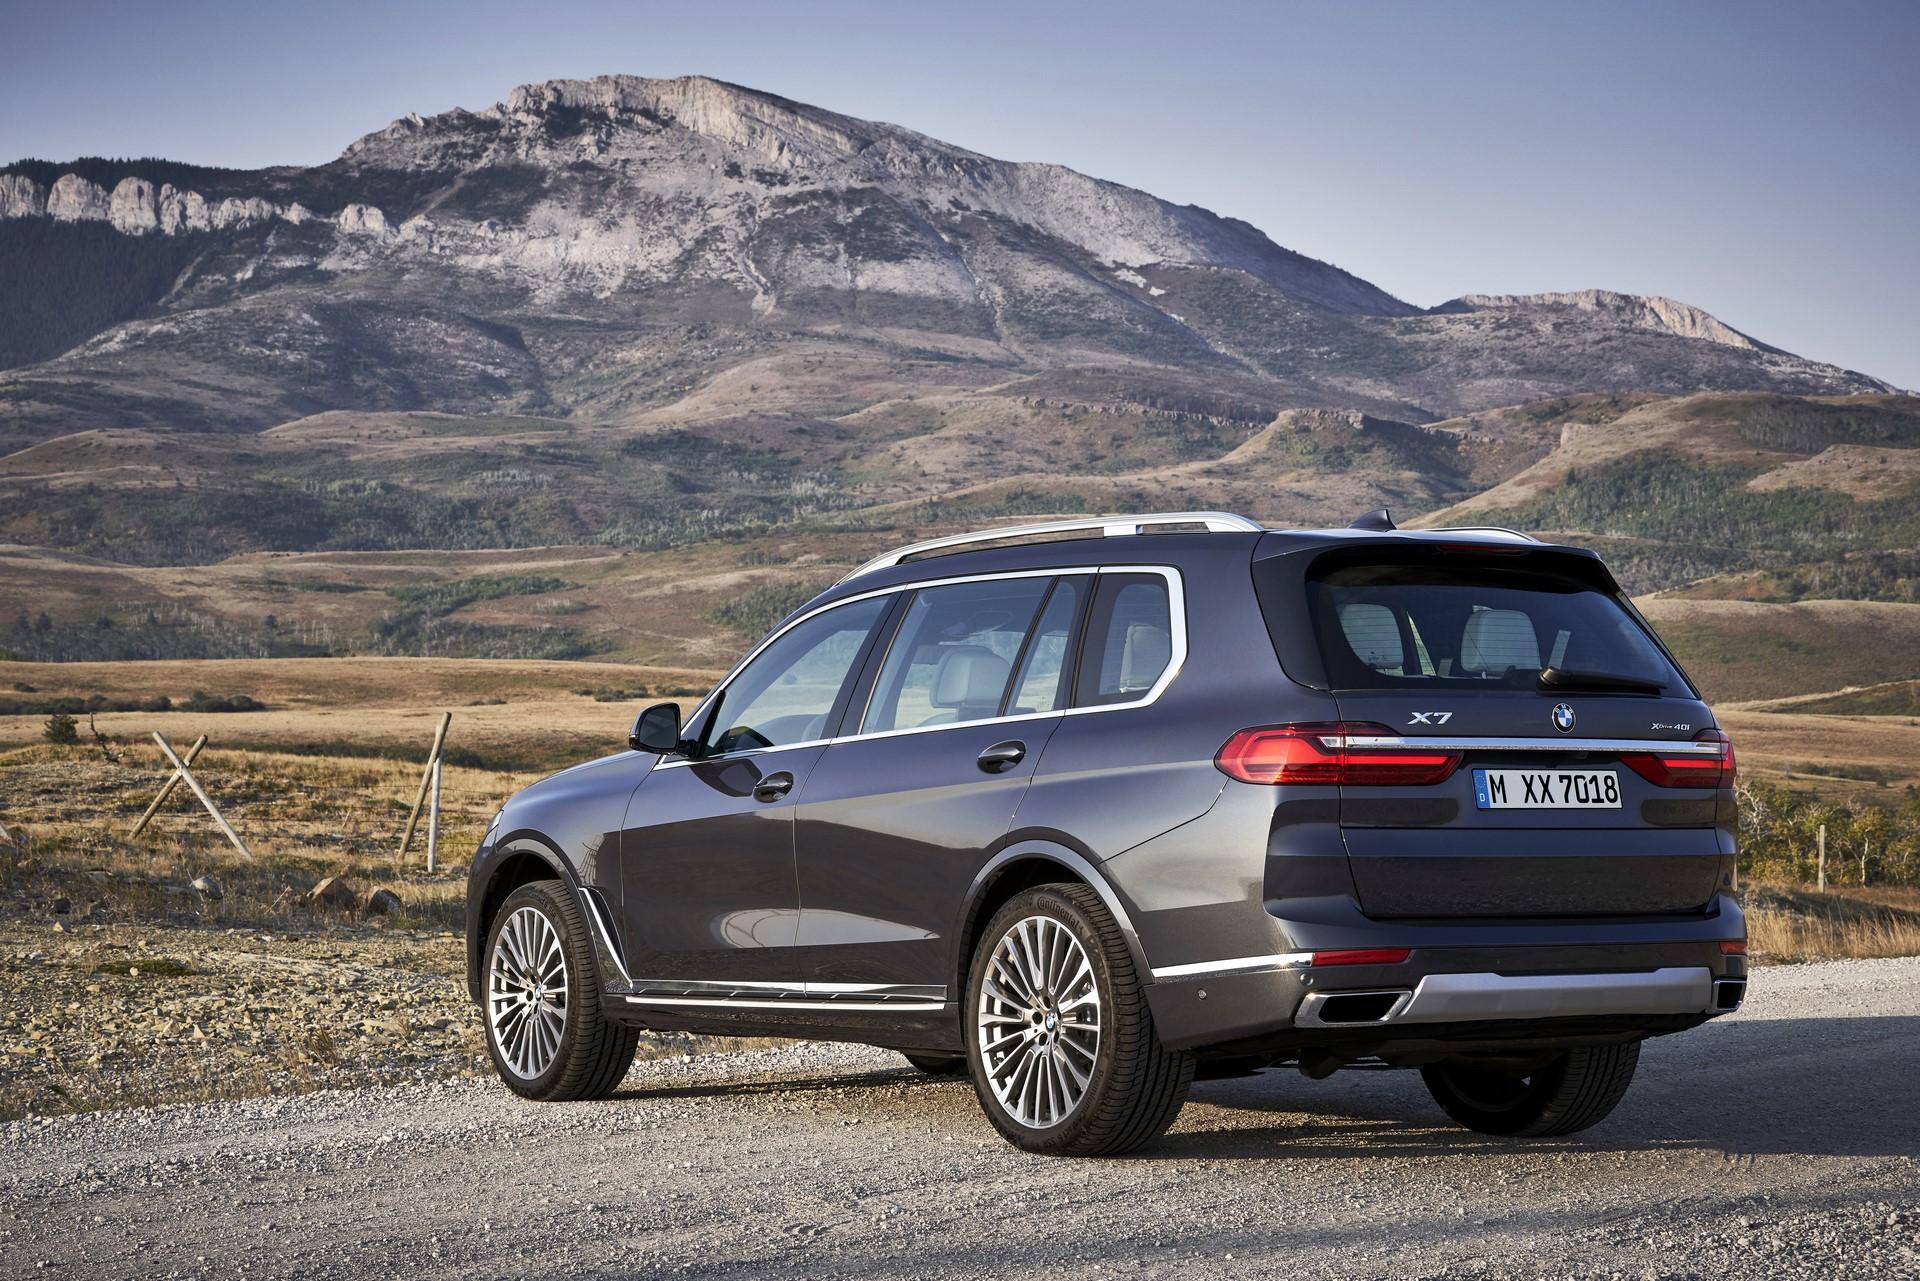 BMW X7 2019 (17)